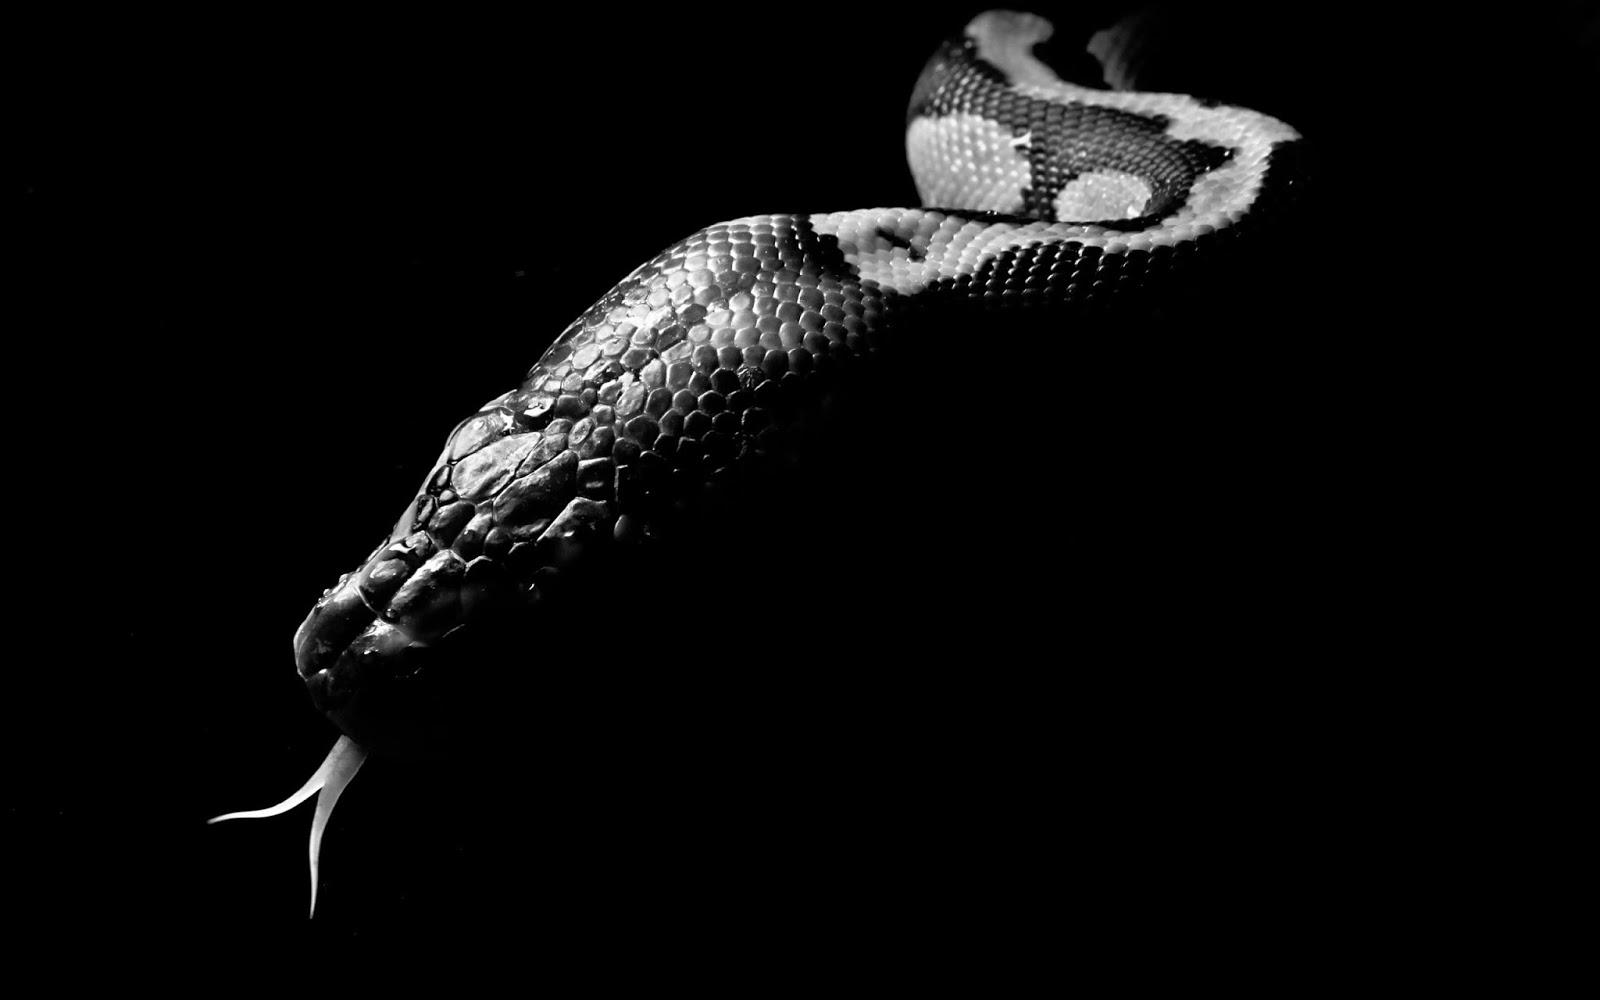 Hd Wallpaper Of Black Snake: Viper Snake Wallpaper